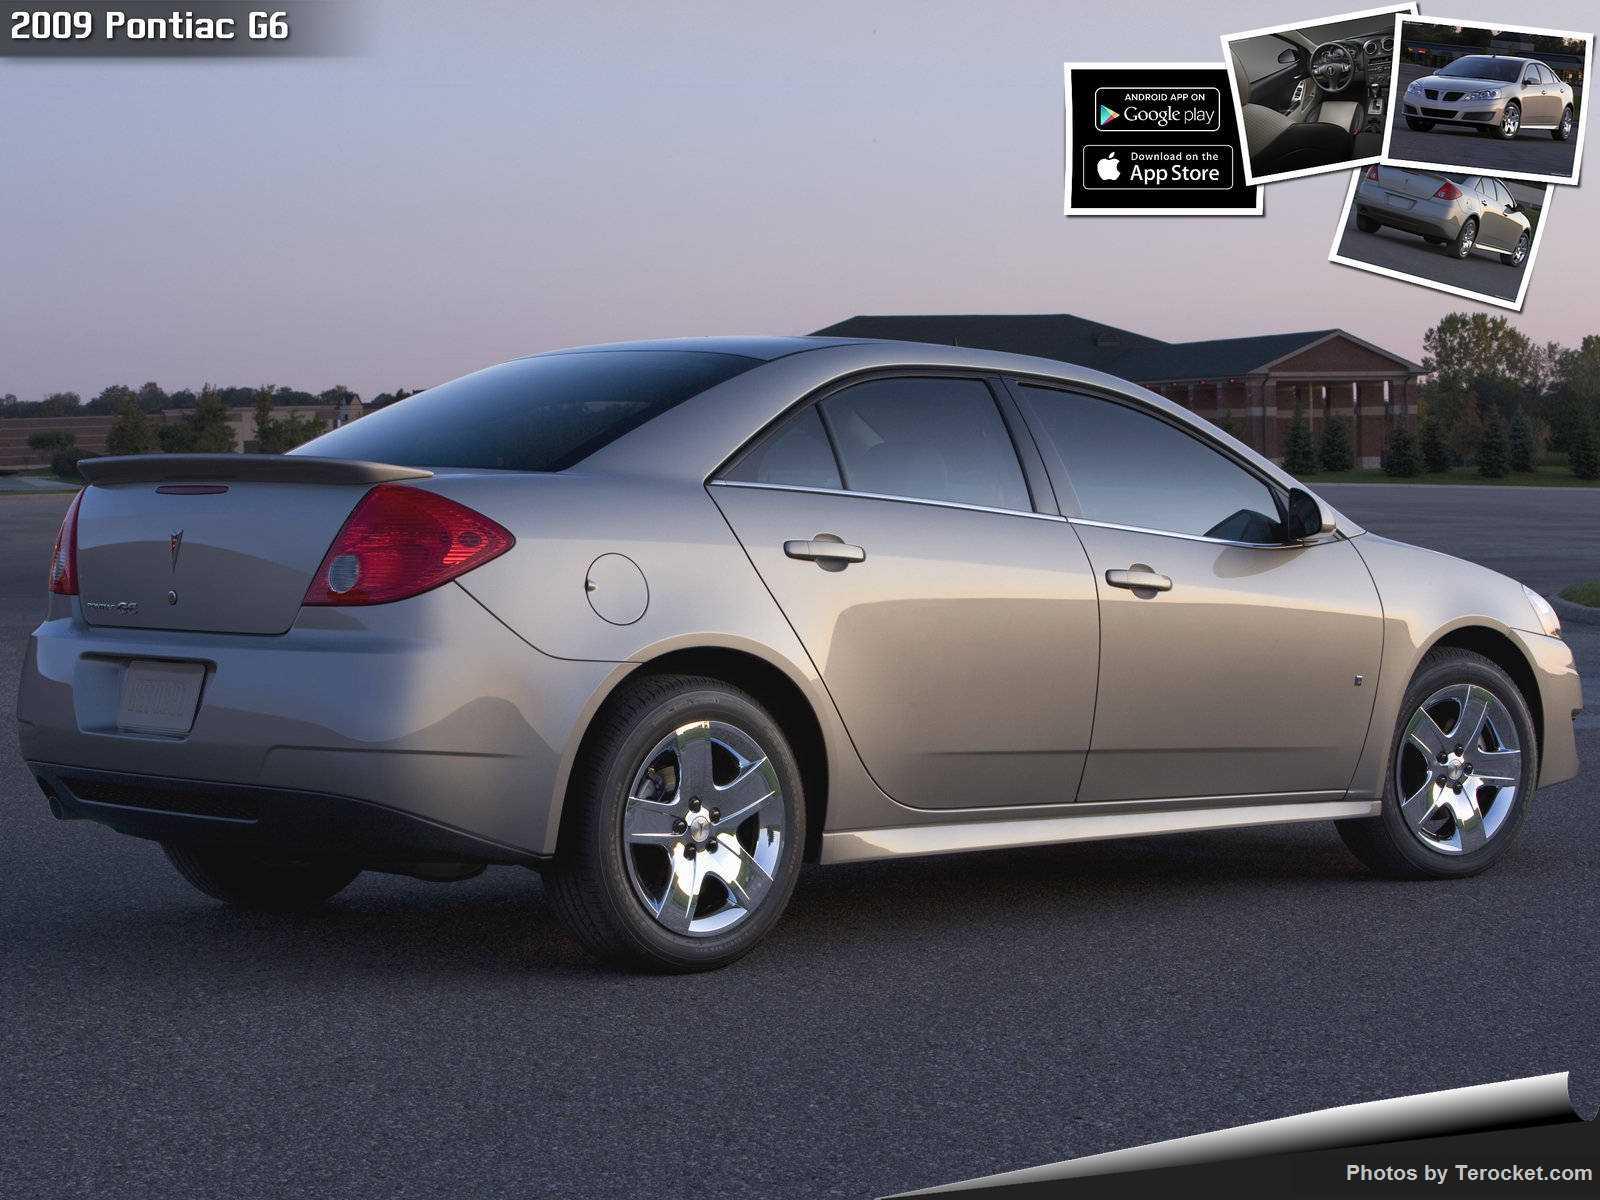 Hình ảnh xe ô tô Pontiac G6 2009 & nội ngoại thất